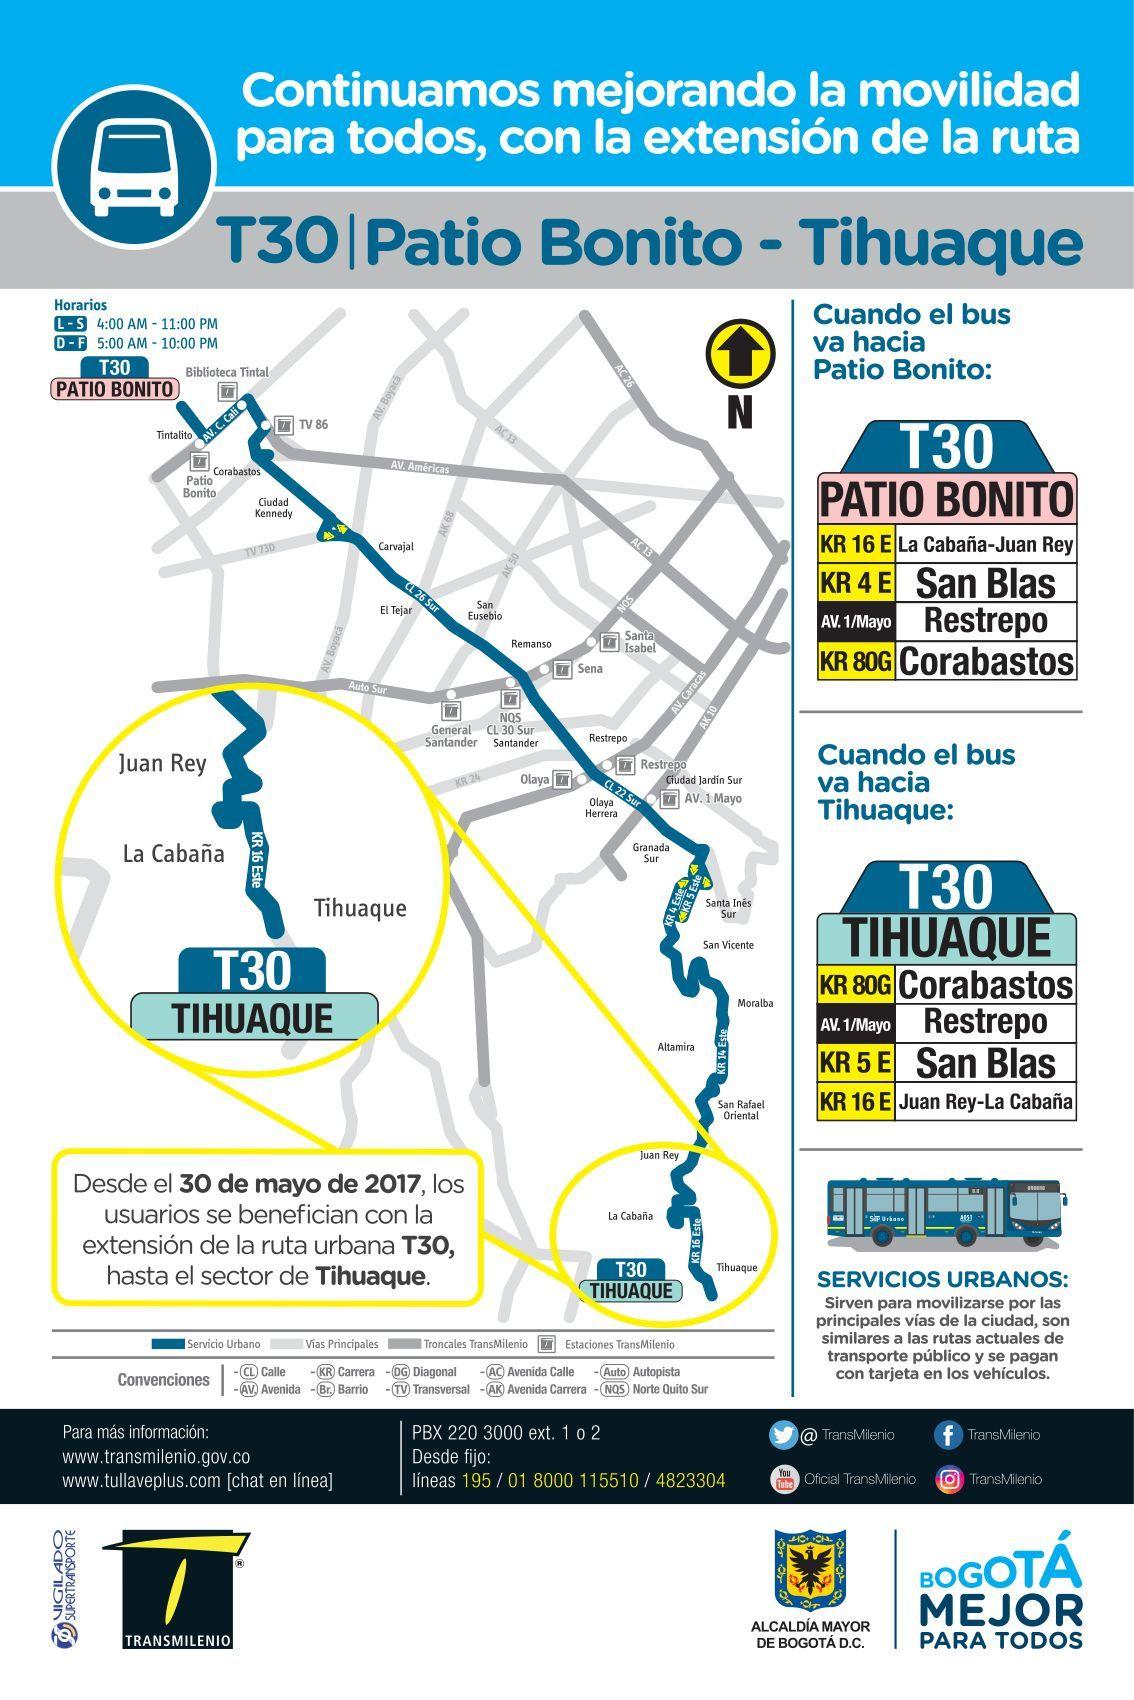 Afiche ruta urbana T30 Patio Bonito - Tihuaque (incluye mapa de ruta)